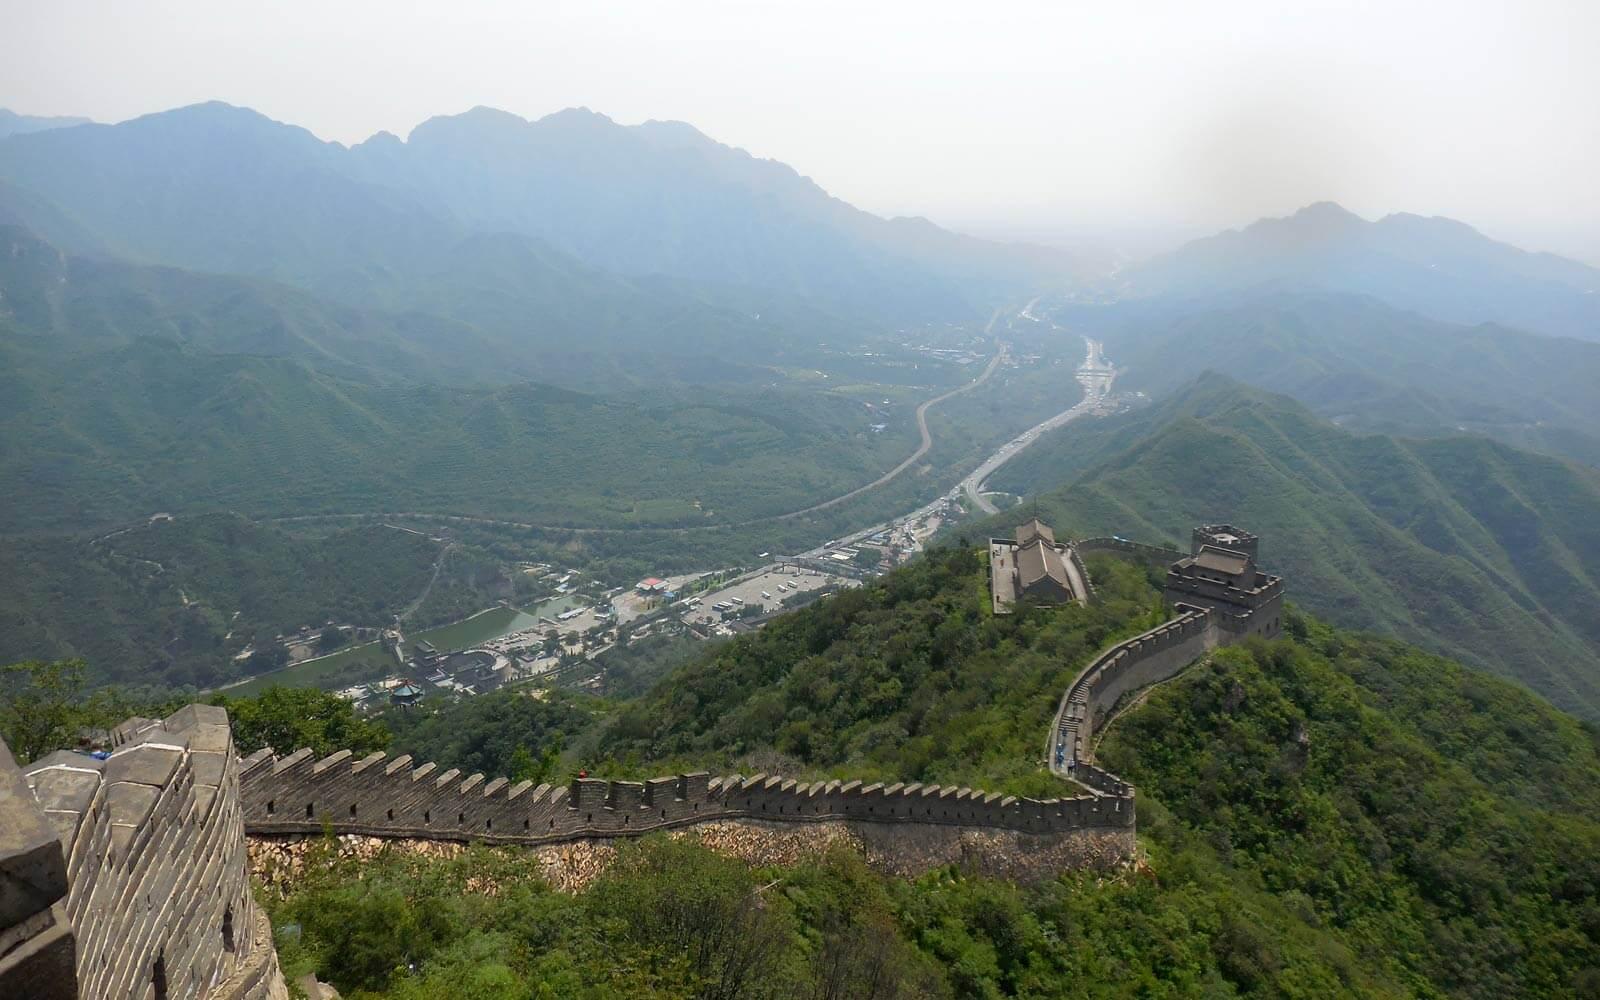 Sehenswürdigkeit in China: Die Chinesische Mauer